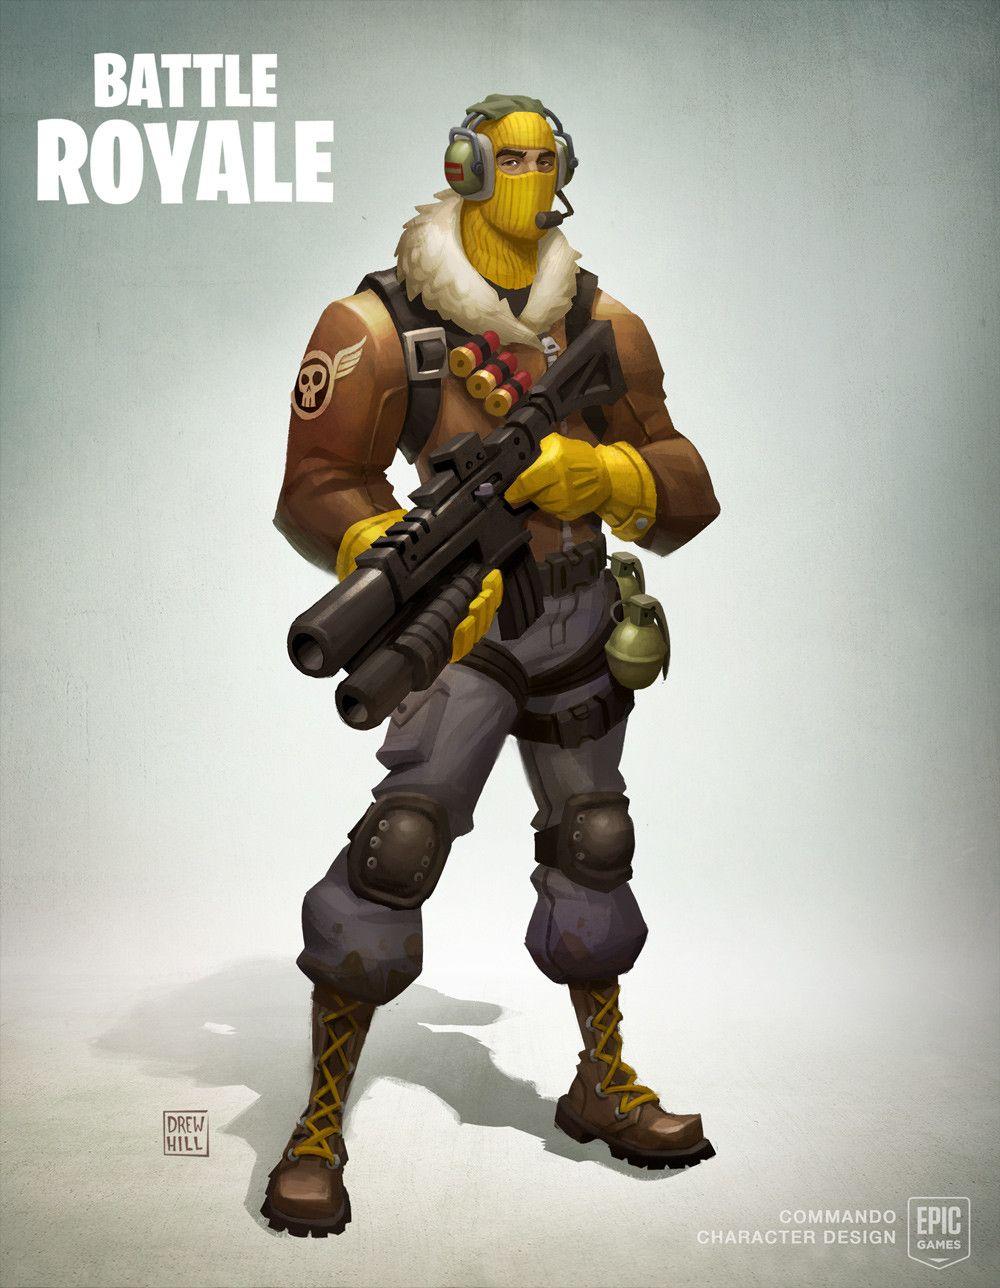 ArtStation - Fortnite Battle Royale Concept Art Drew Hill ...